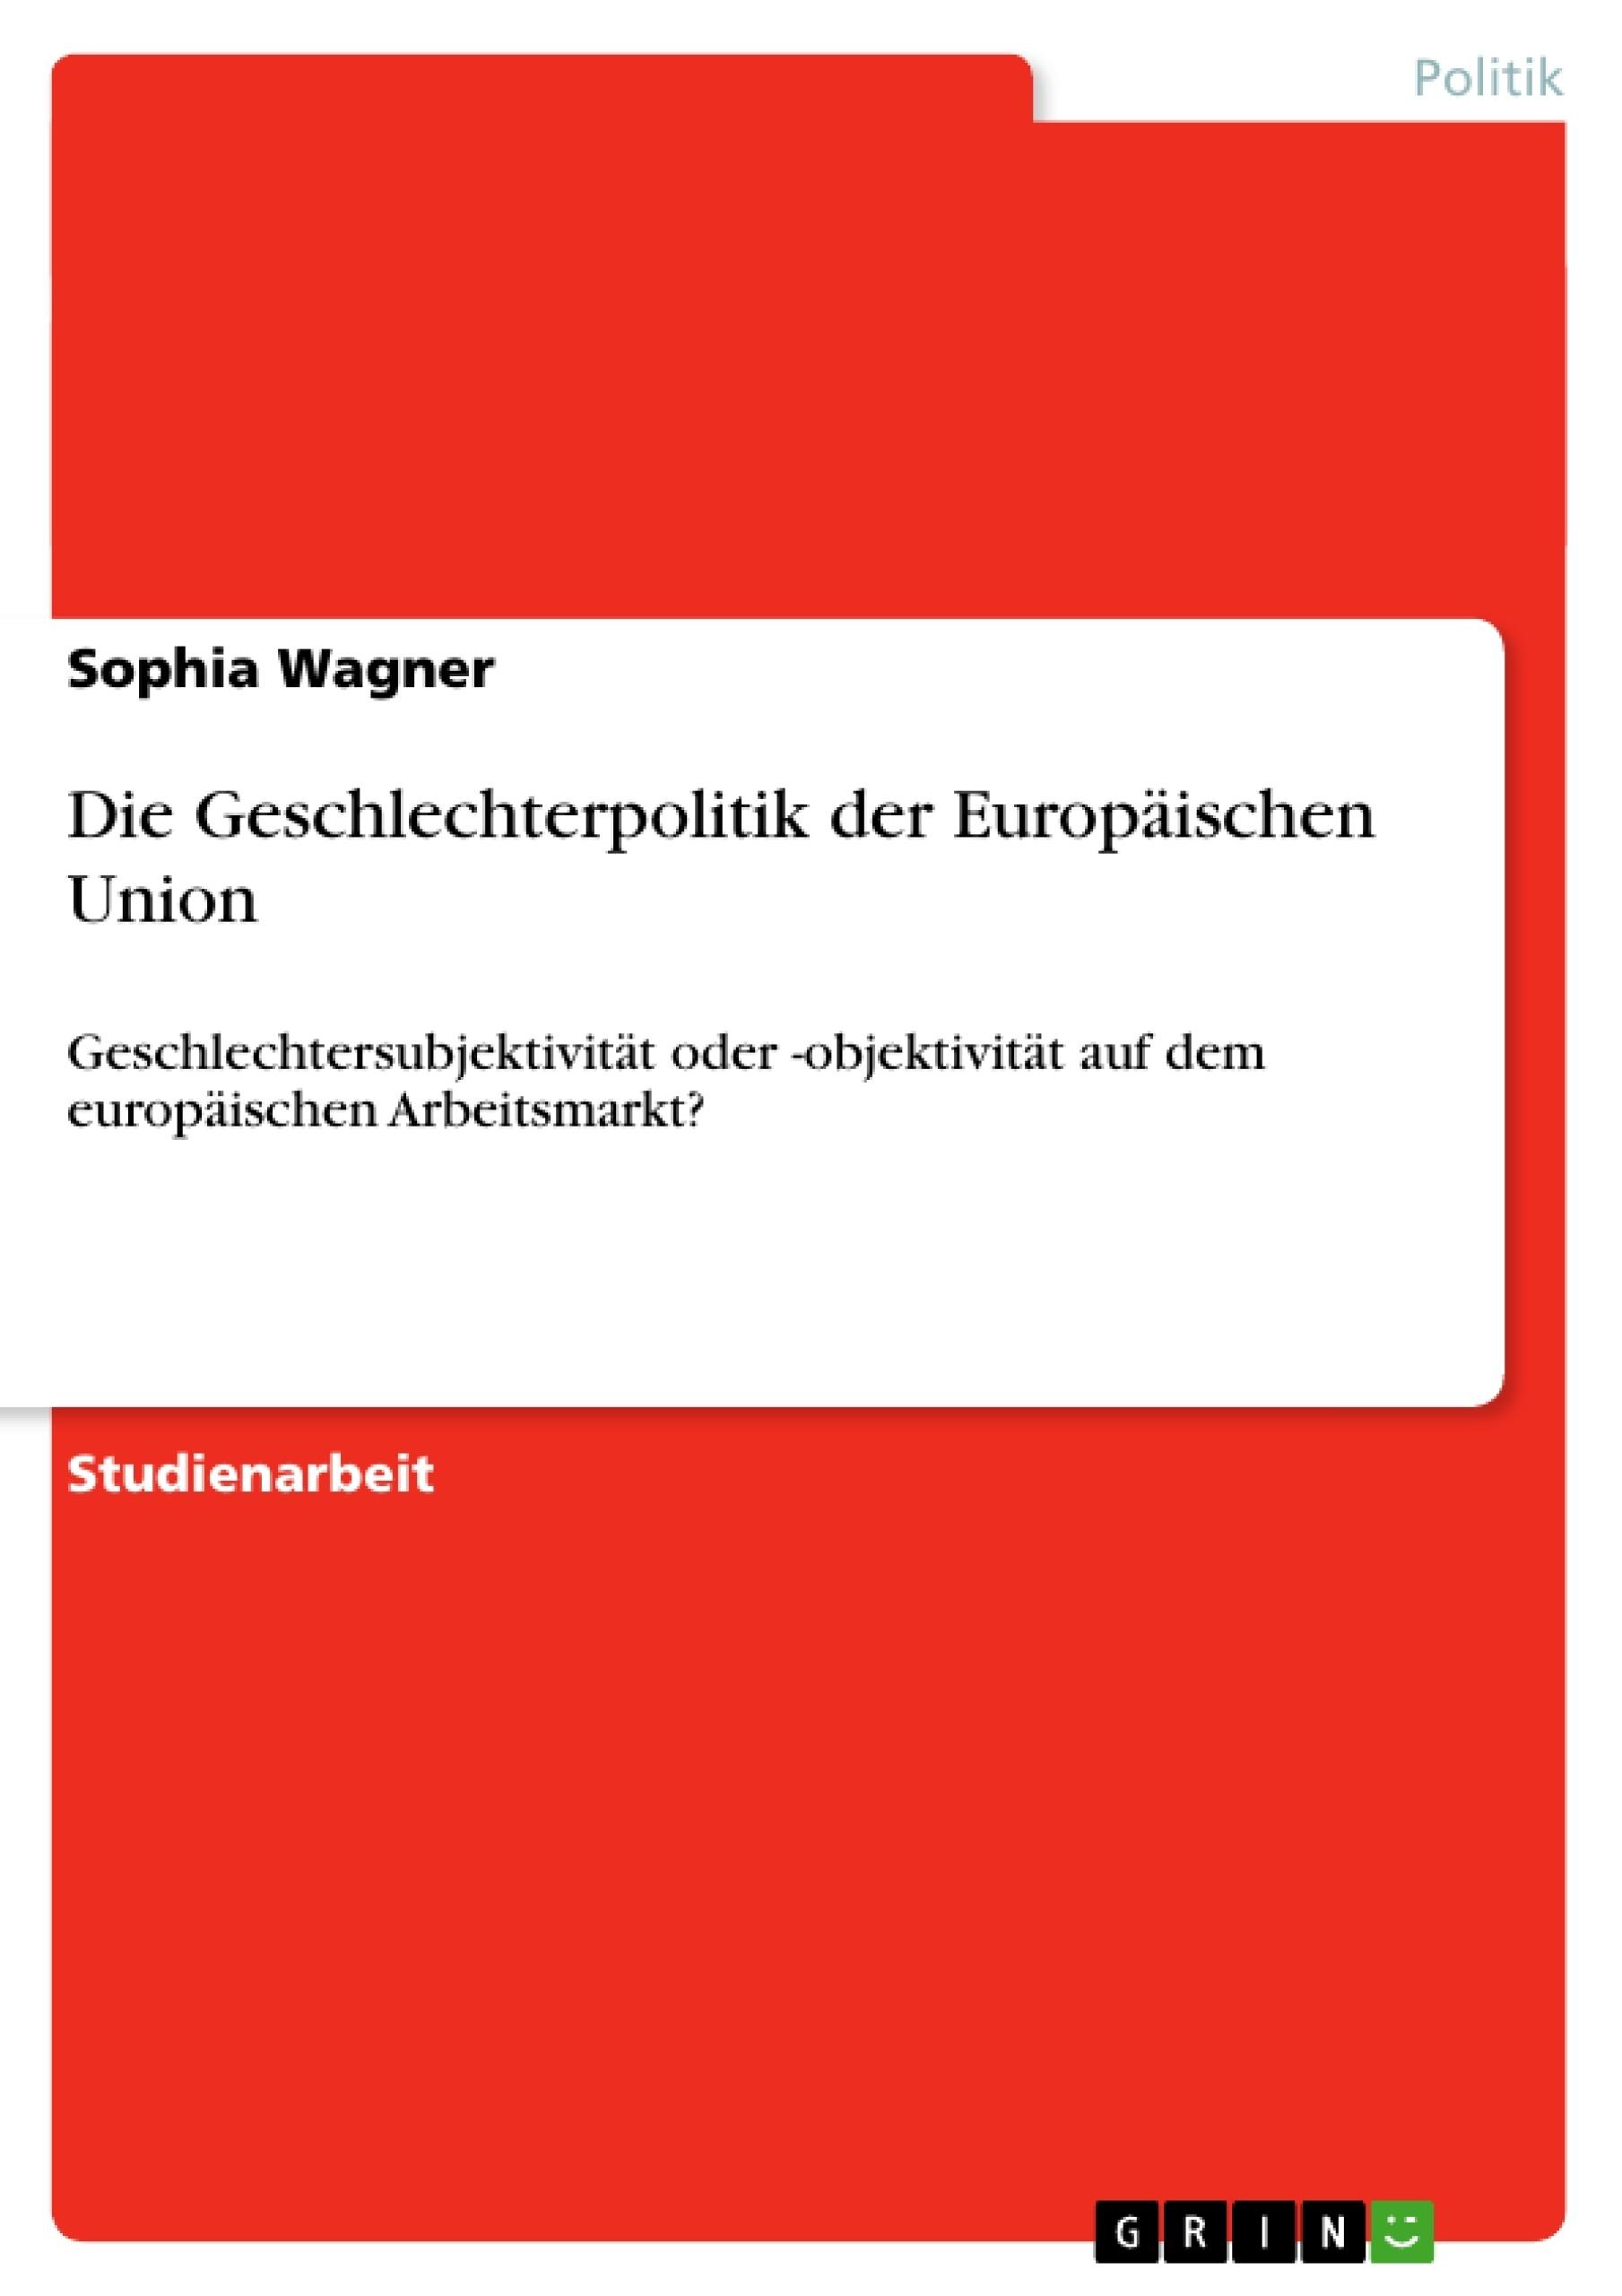 Titel: Die Geschlechterpolitik der Europäischen Union